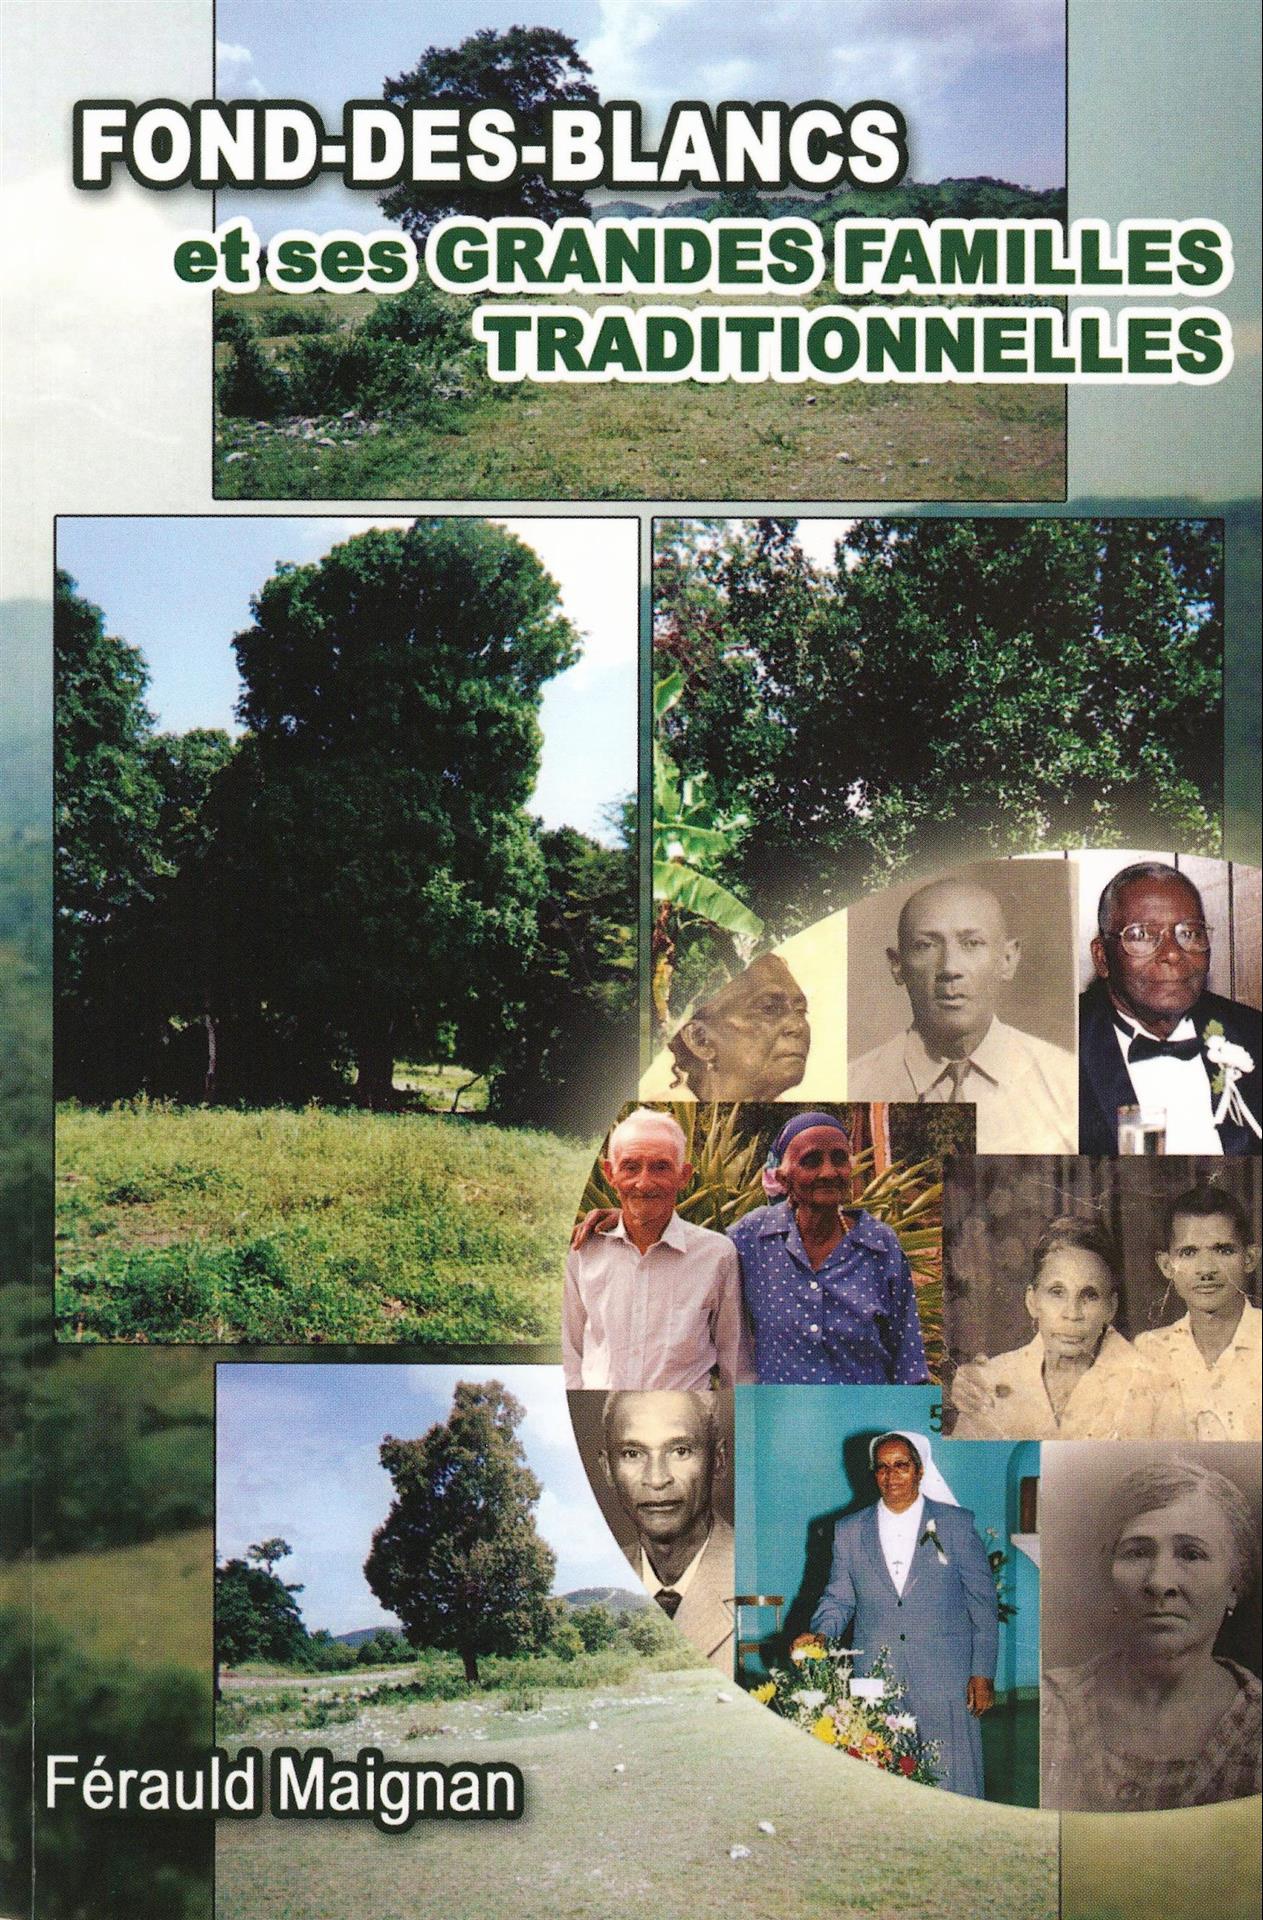 FonddesBlancs  et ses Grandes Familles Traditionnelles